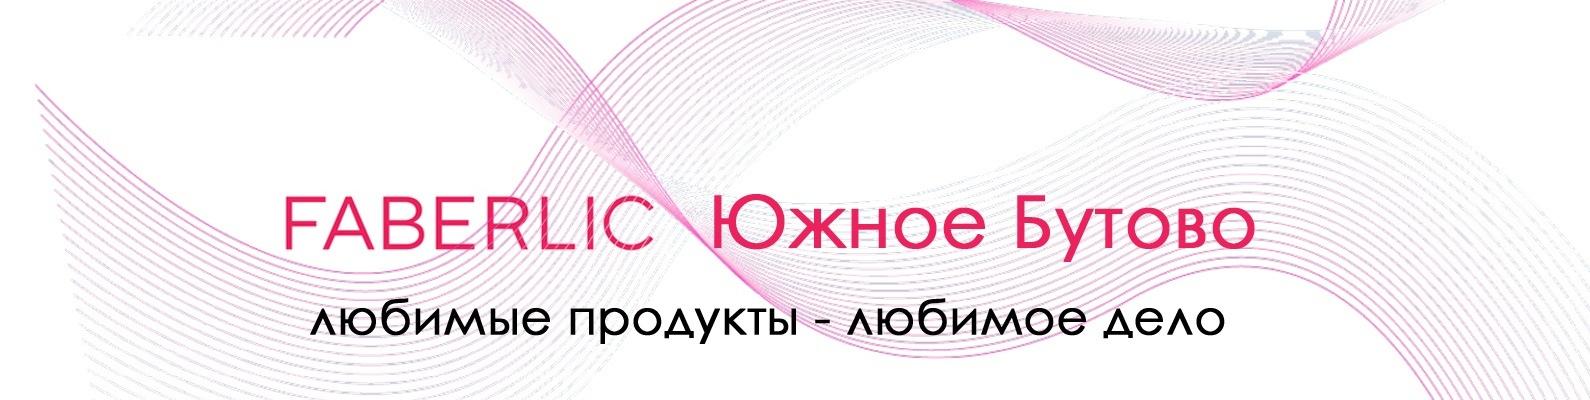 Реестр медицинских книжек Москва Южное Бутово